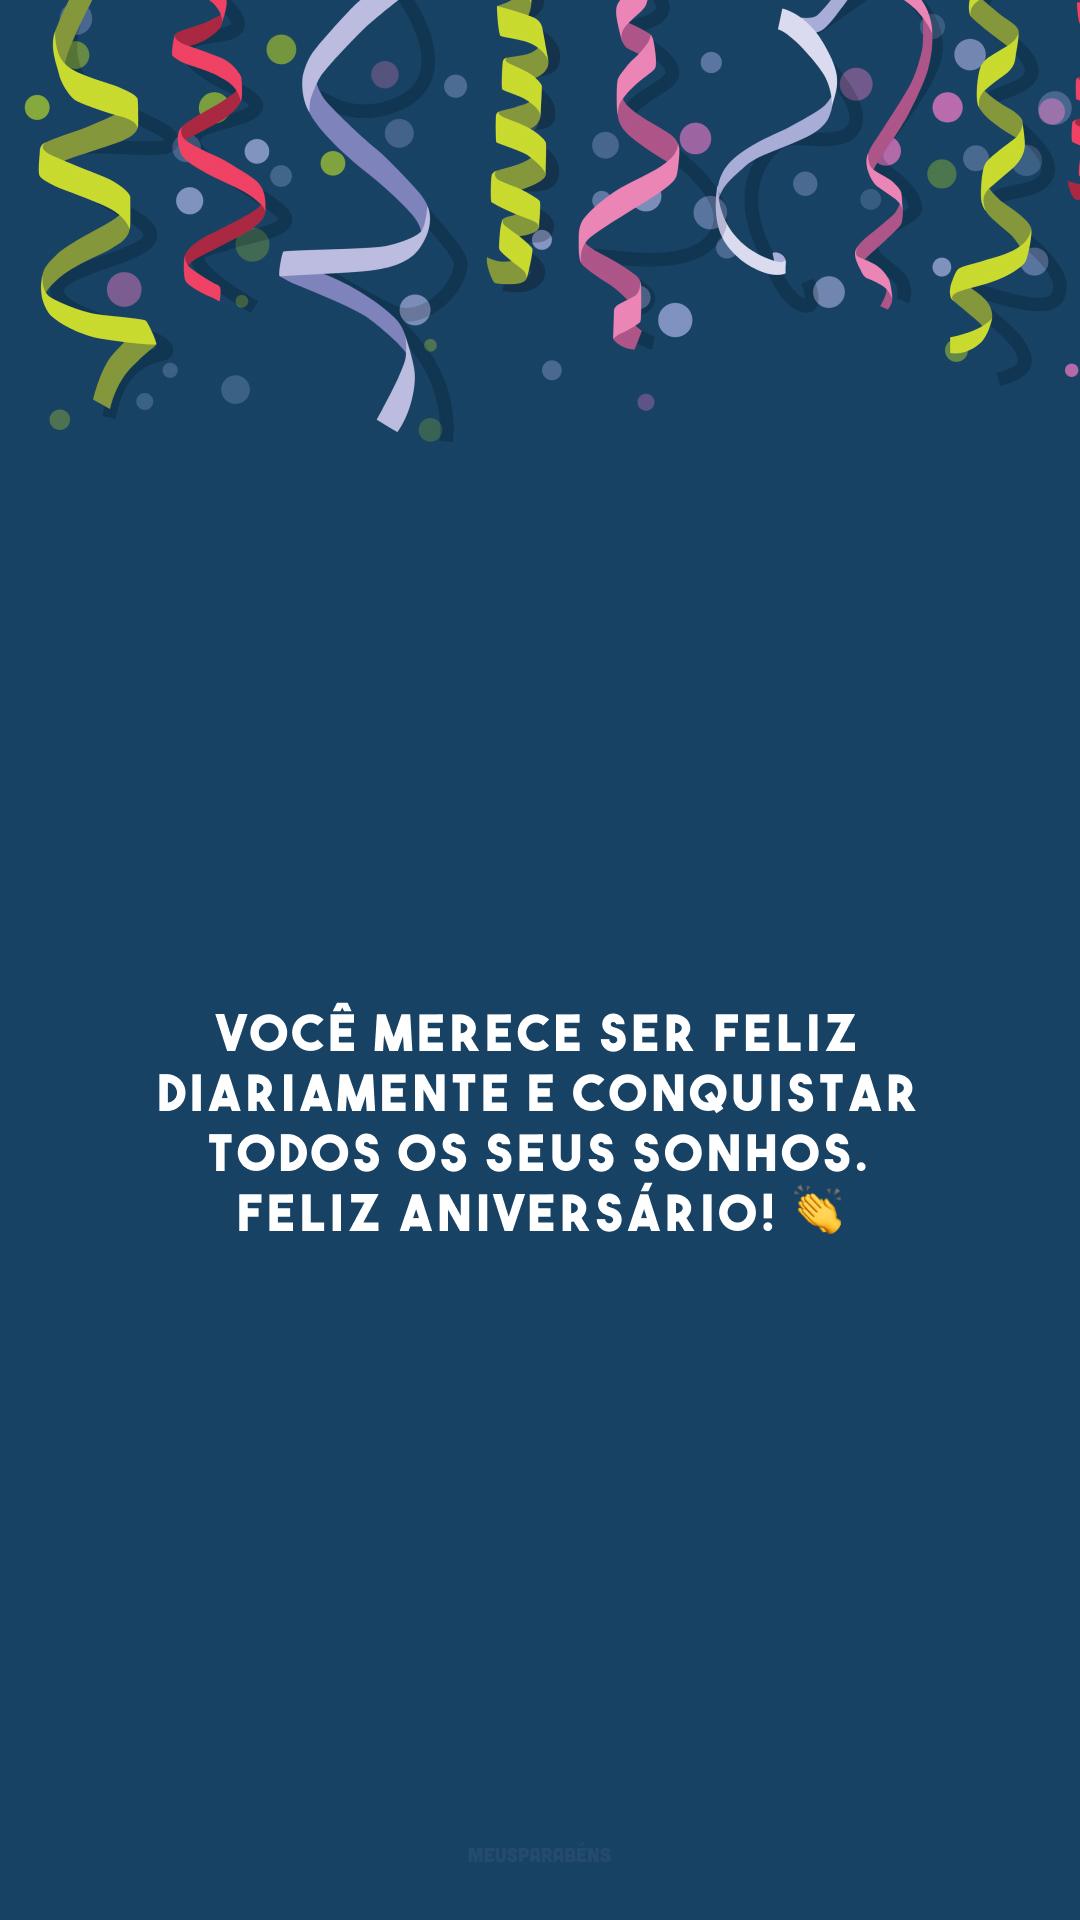 Você merece ser feliz diariamente e conquistar todos os seus sonhos. Feliz aniversário! 👏